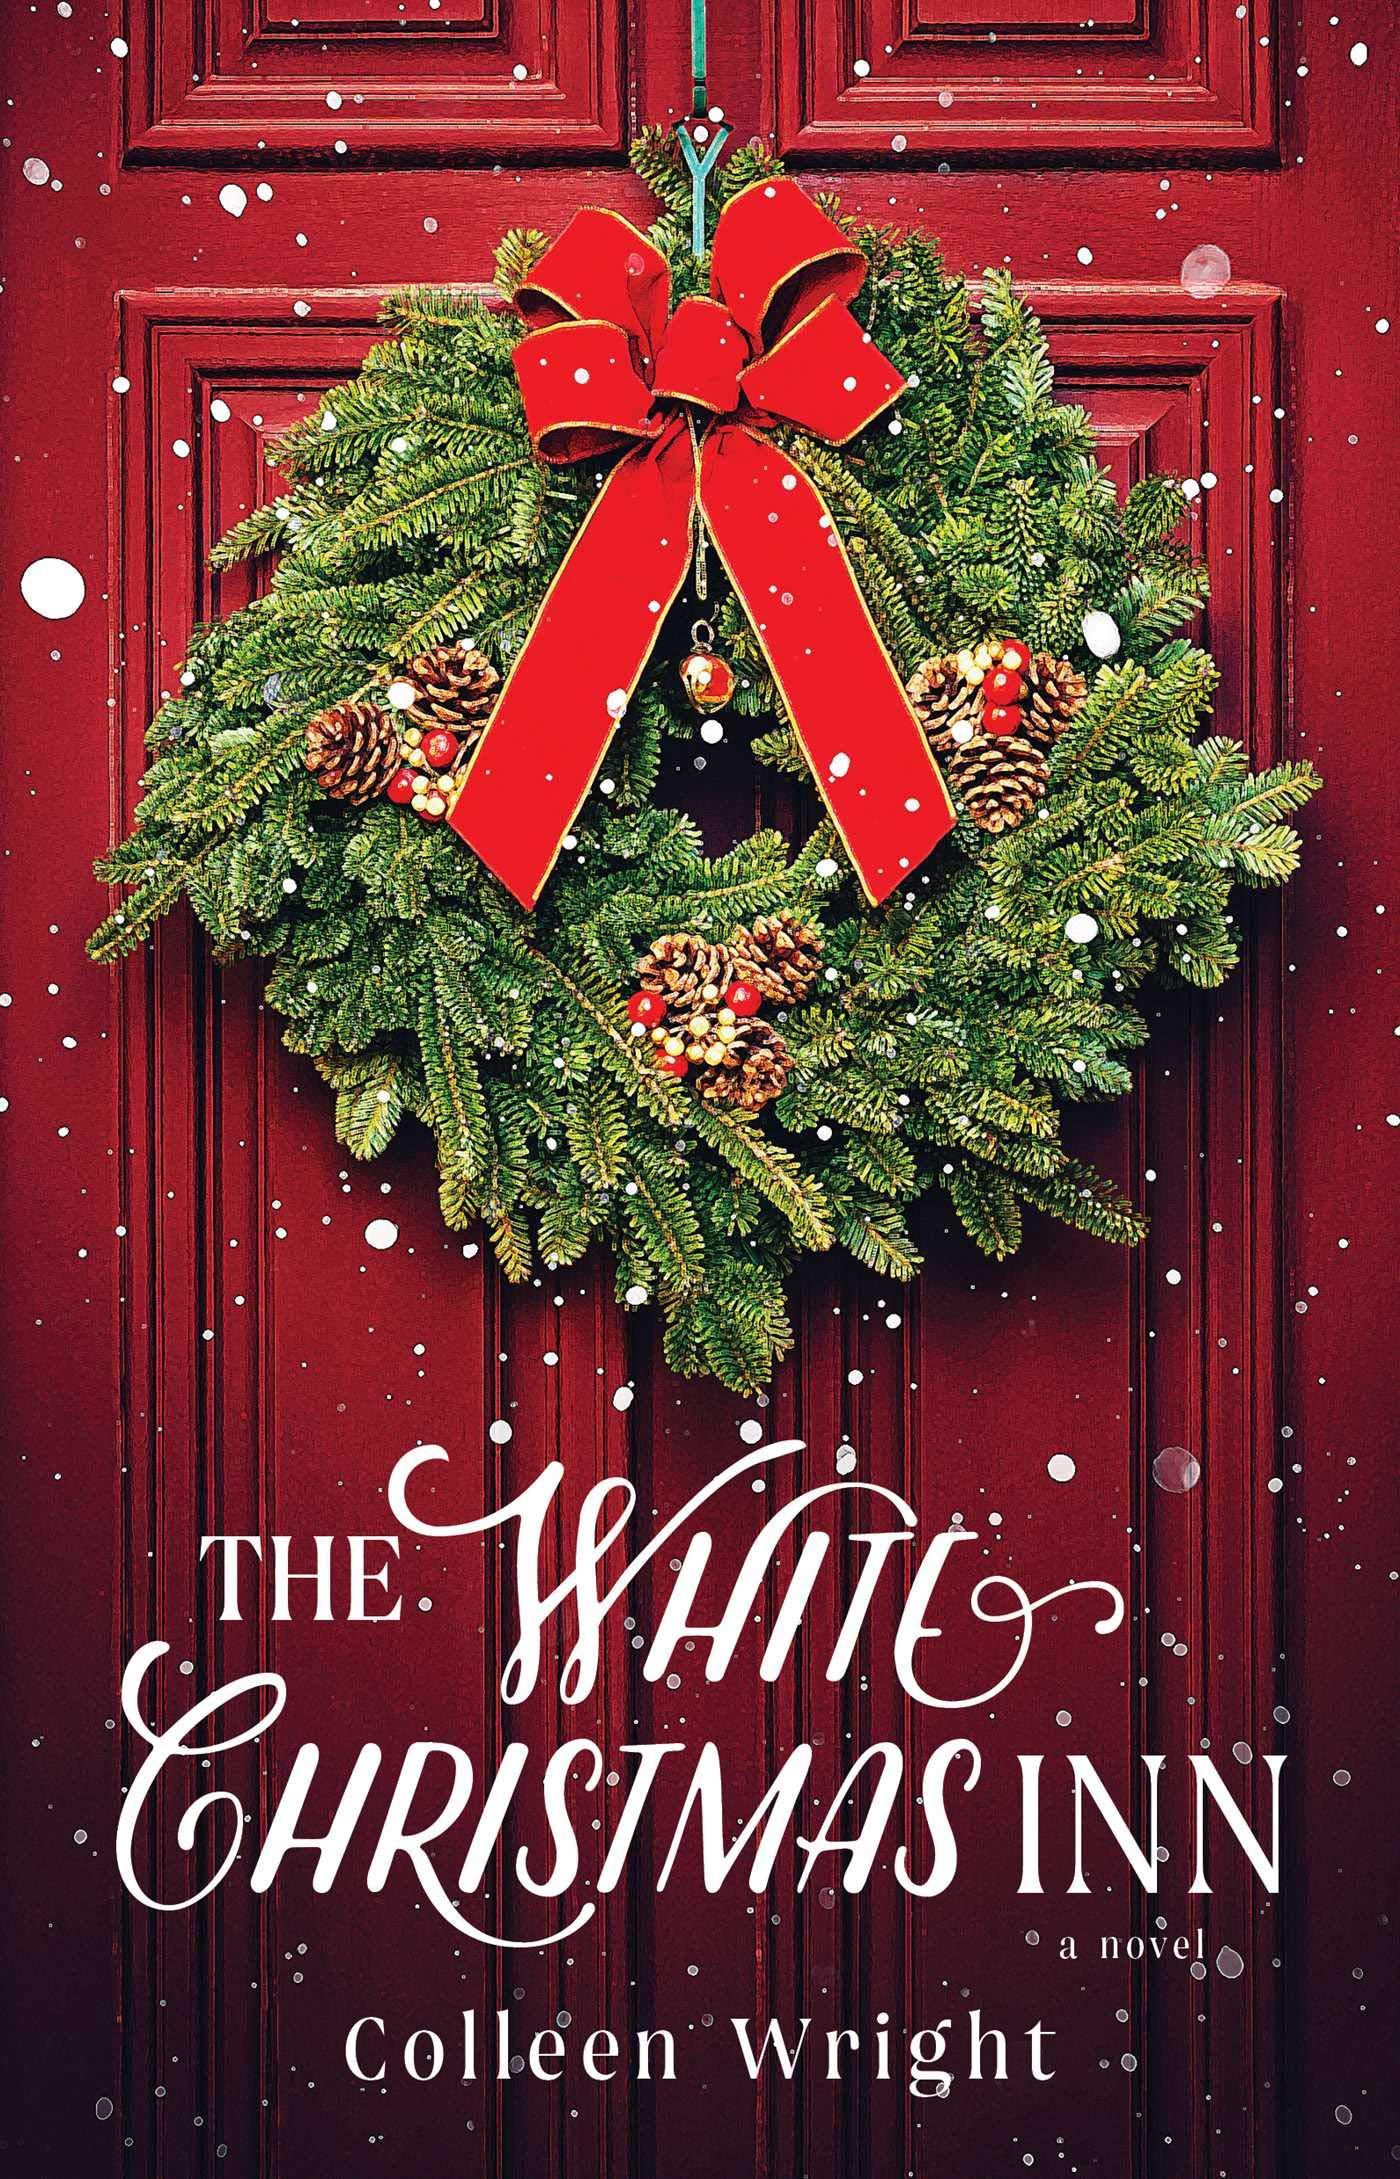 The Christmas Inn.The White Christmas Inn A Novel Colleen Wright